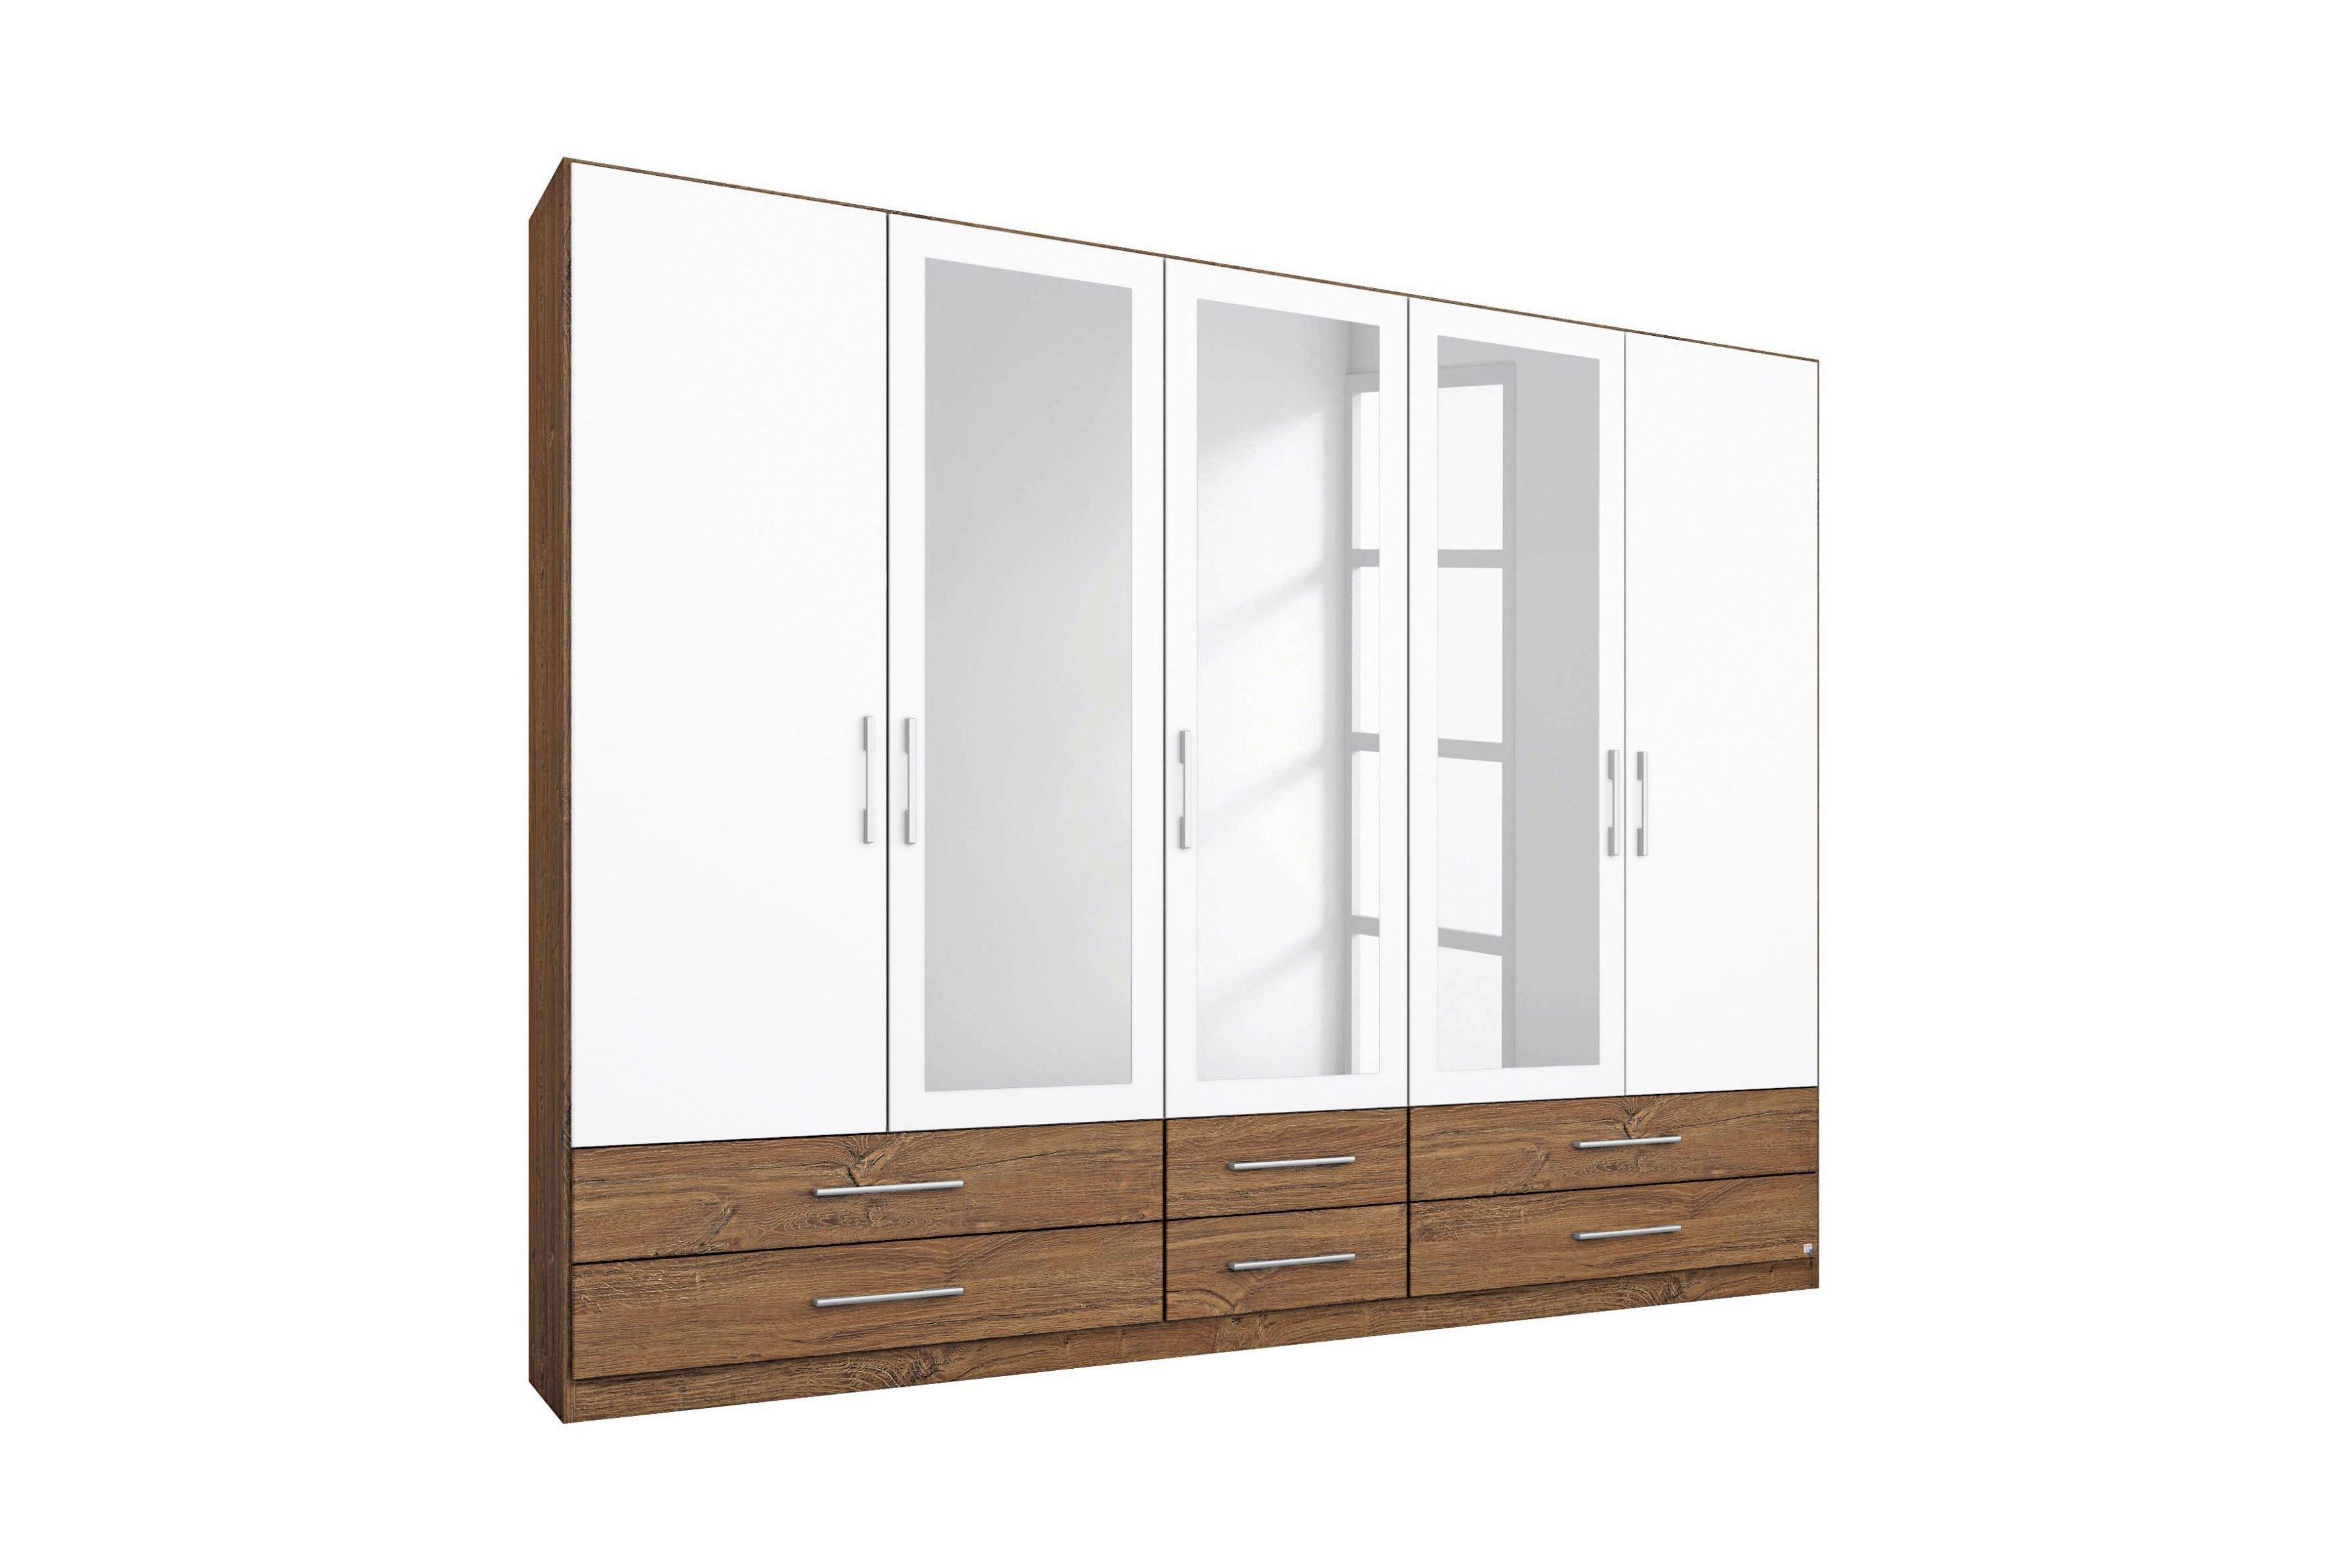 rauch hersbruck extra eiche stirling m bel letz ihr online shop. Black Bedroom Furniture Sets. Home Design Ideas